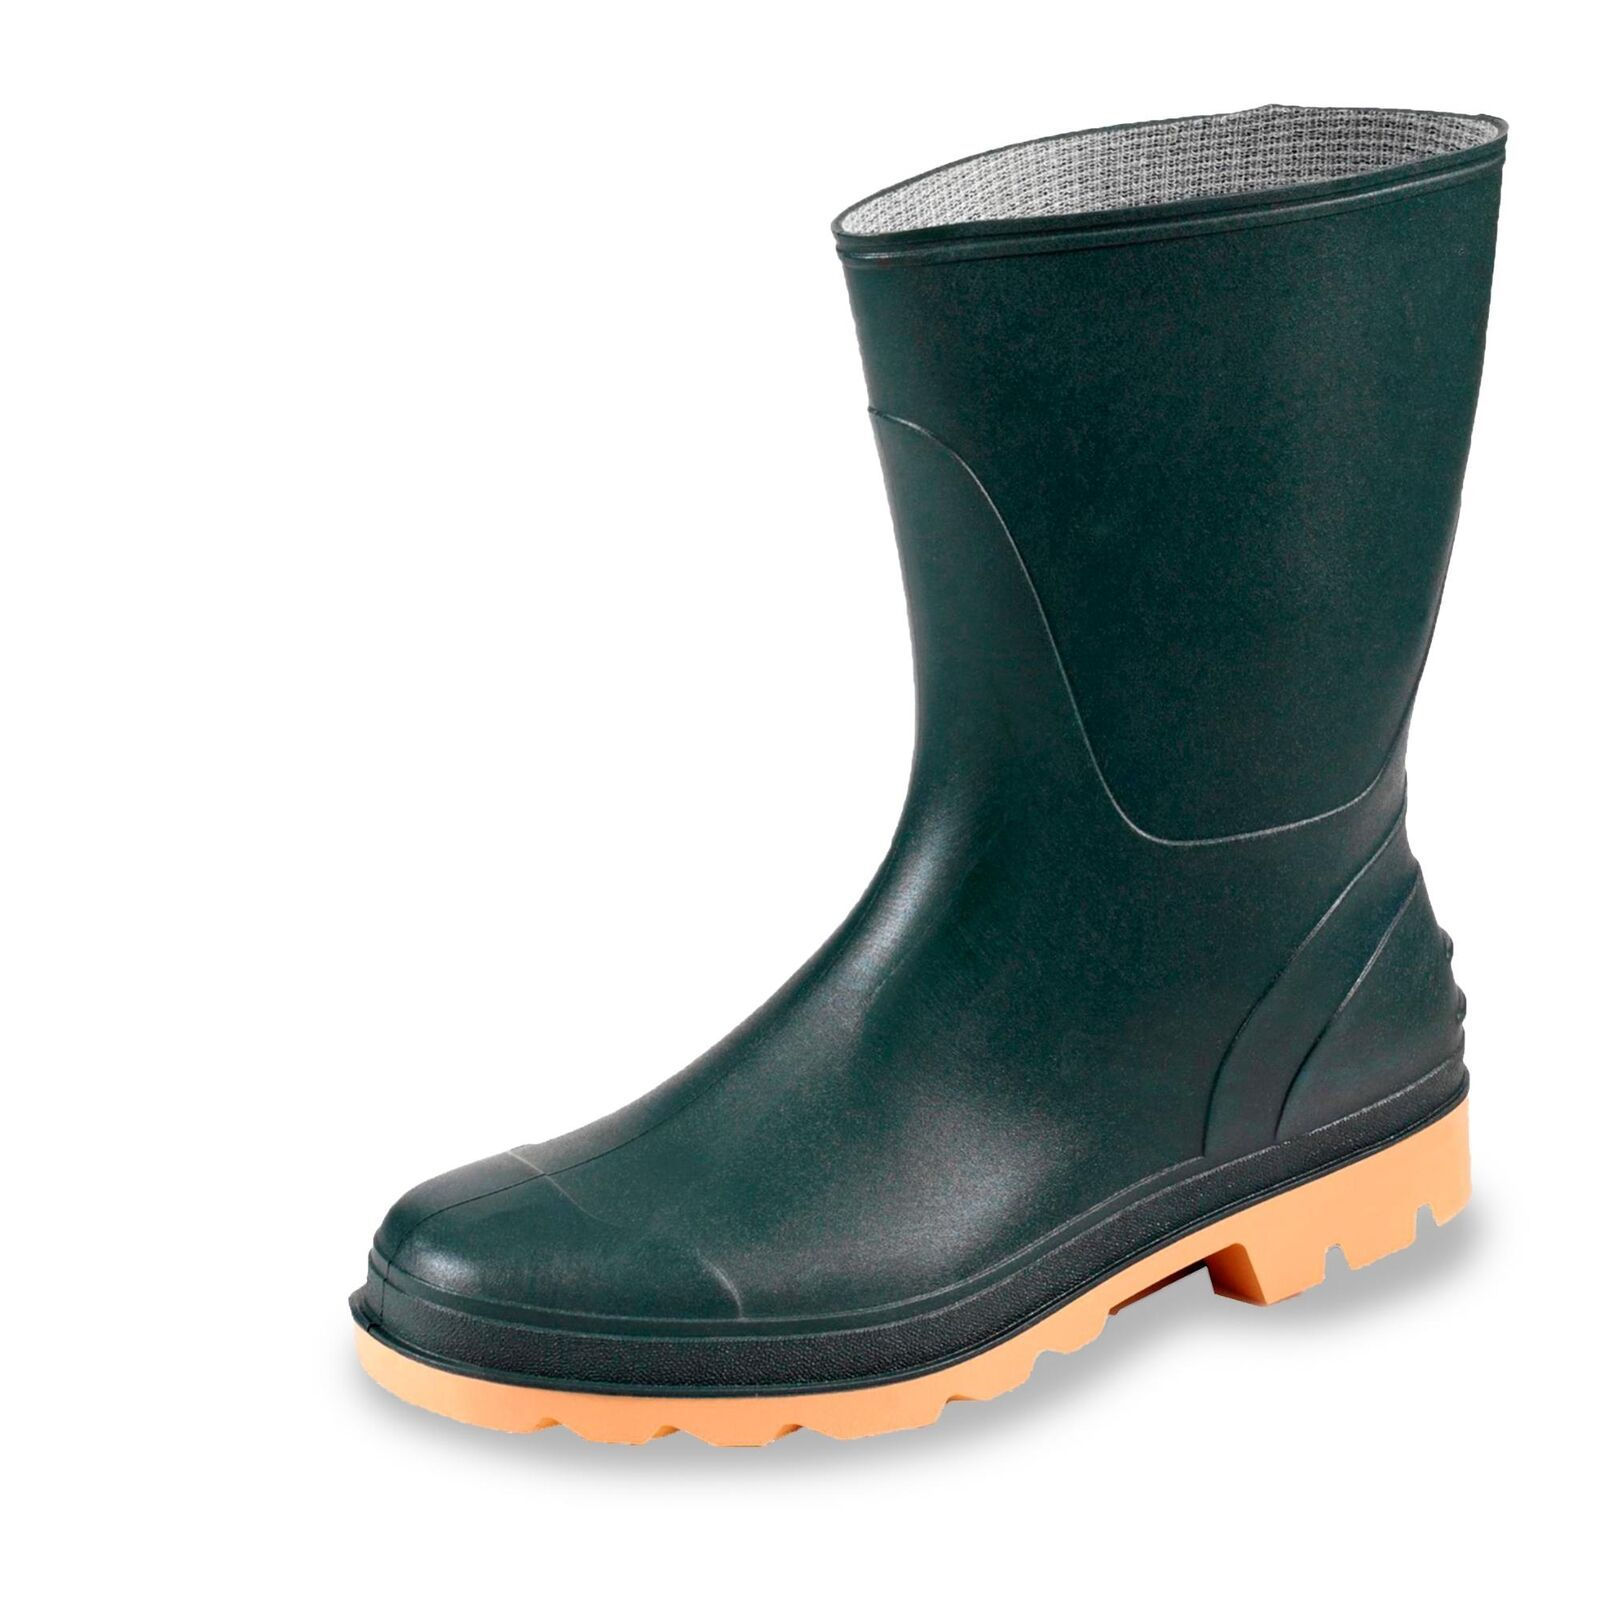 Damen Herren Regenstiefel Gummistiefel Arbeitsstiefel Schuhe